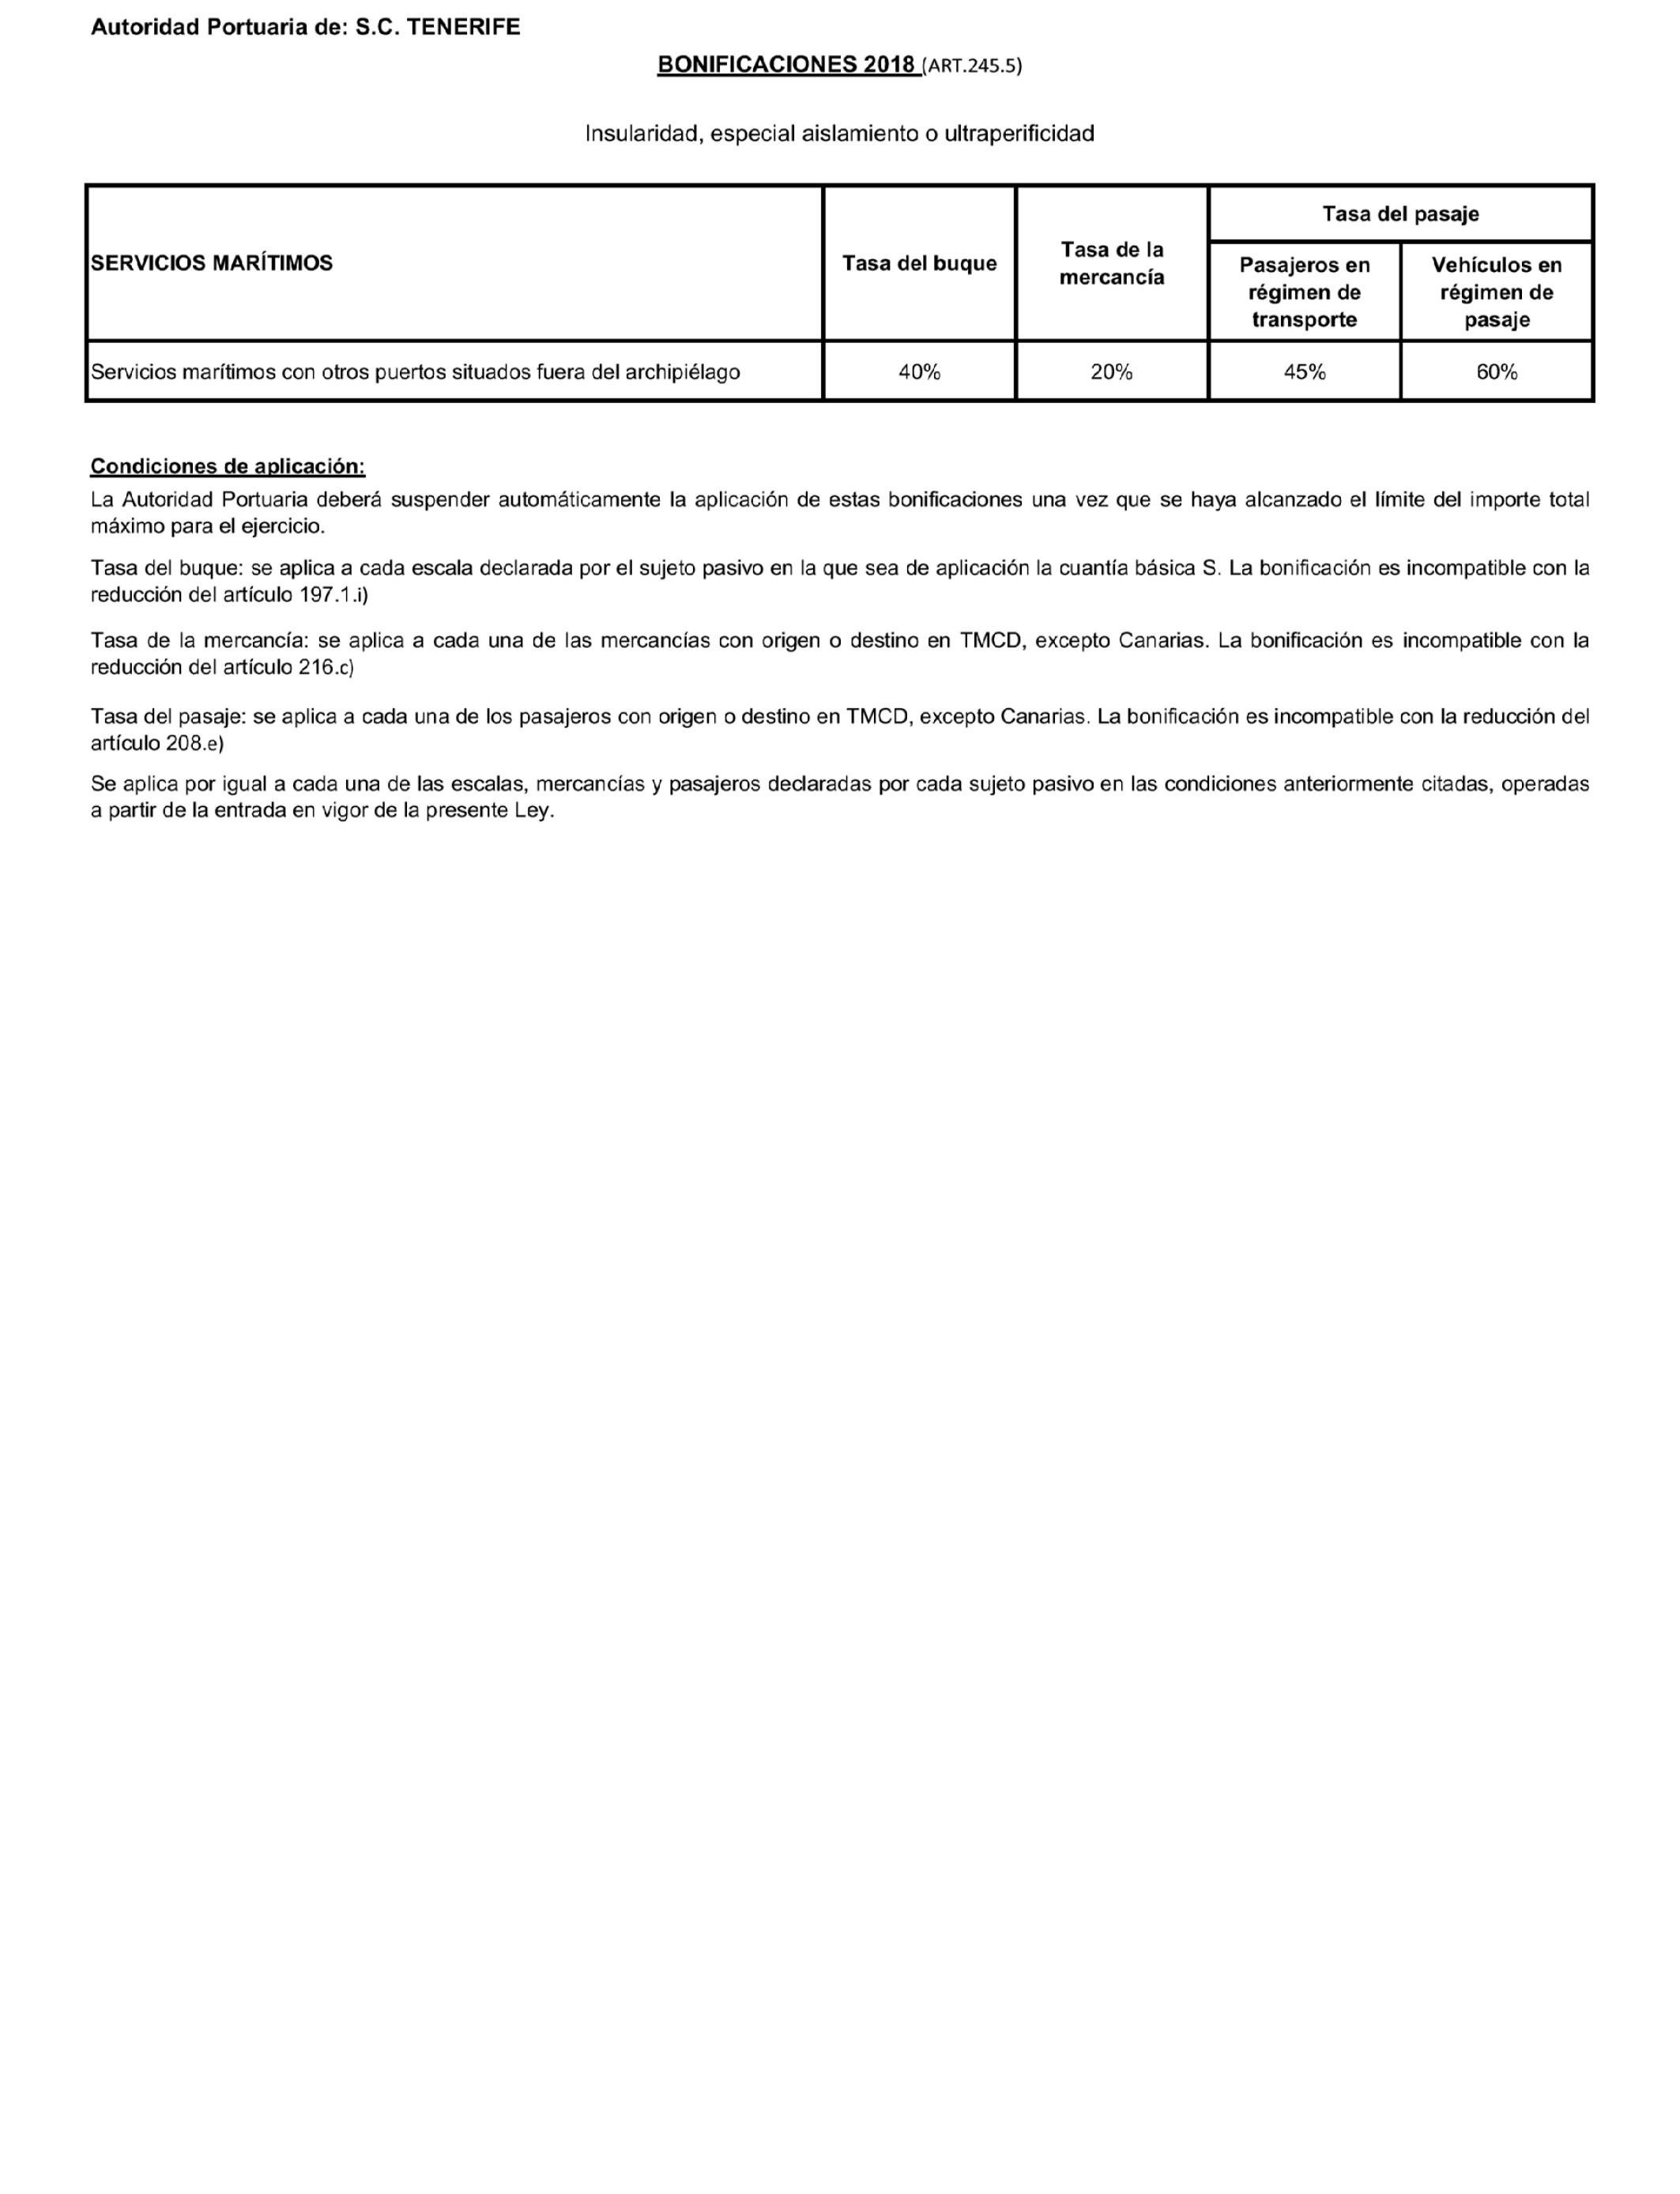 Calendario Escolar 2018 Y 2019 Sep 185 Dias Actual Boe Documento Consolidado Boe A 2018 9268 Of Calendario Escolar 2018 Y 2019 Sep 185 Dias Recientes Exitosa Participaci³n De La Unidad Uemstis En El Xv Concurso